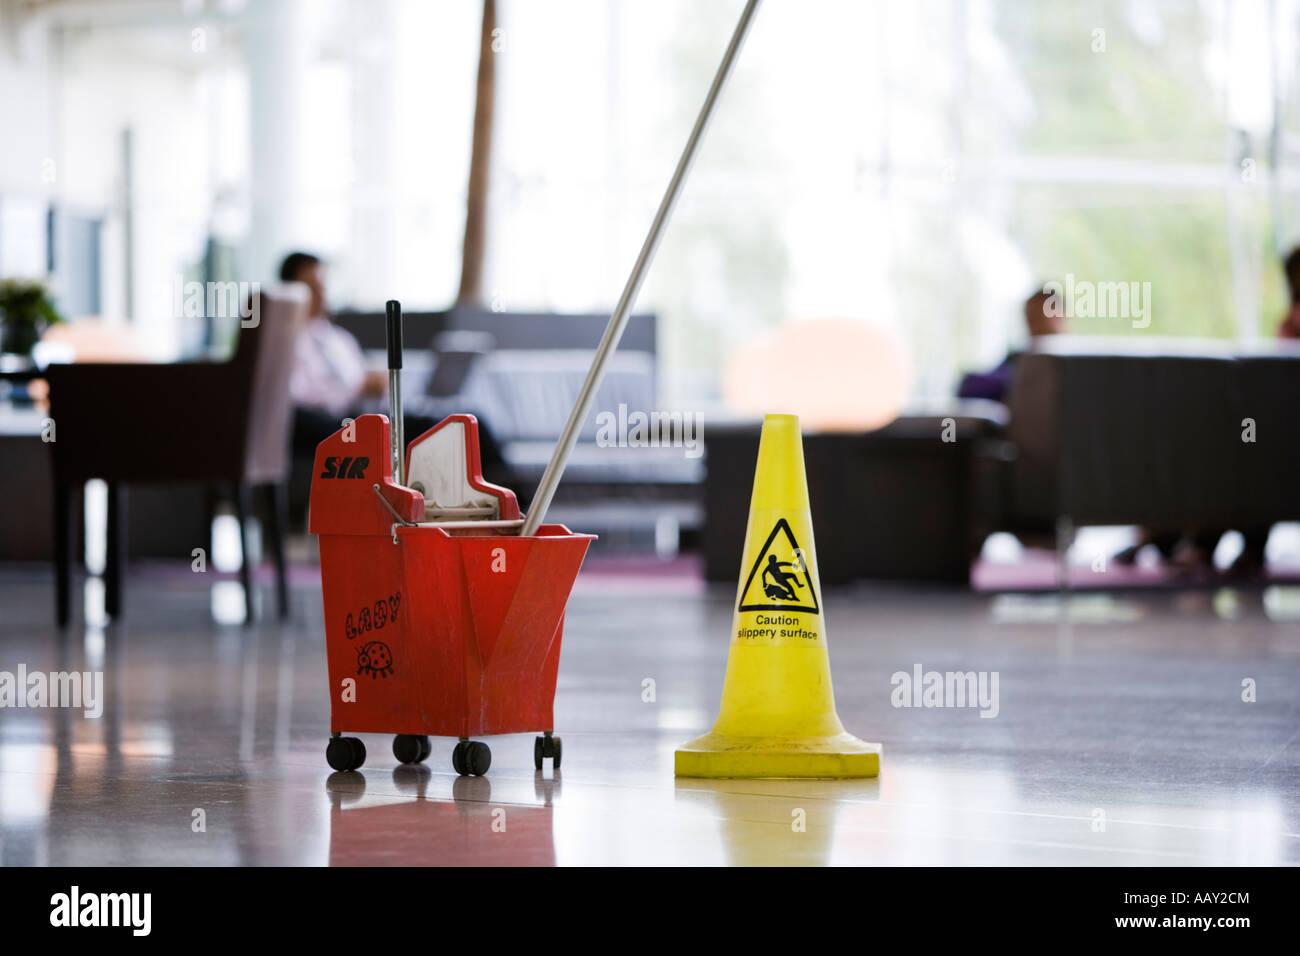 Bodenreinigung in Hotelhalle Stockbild